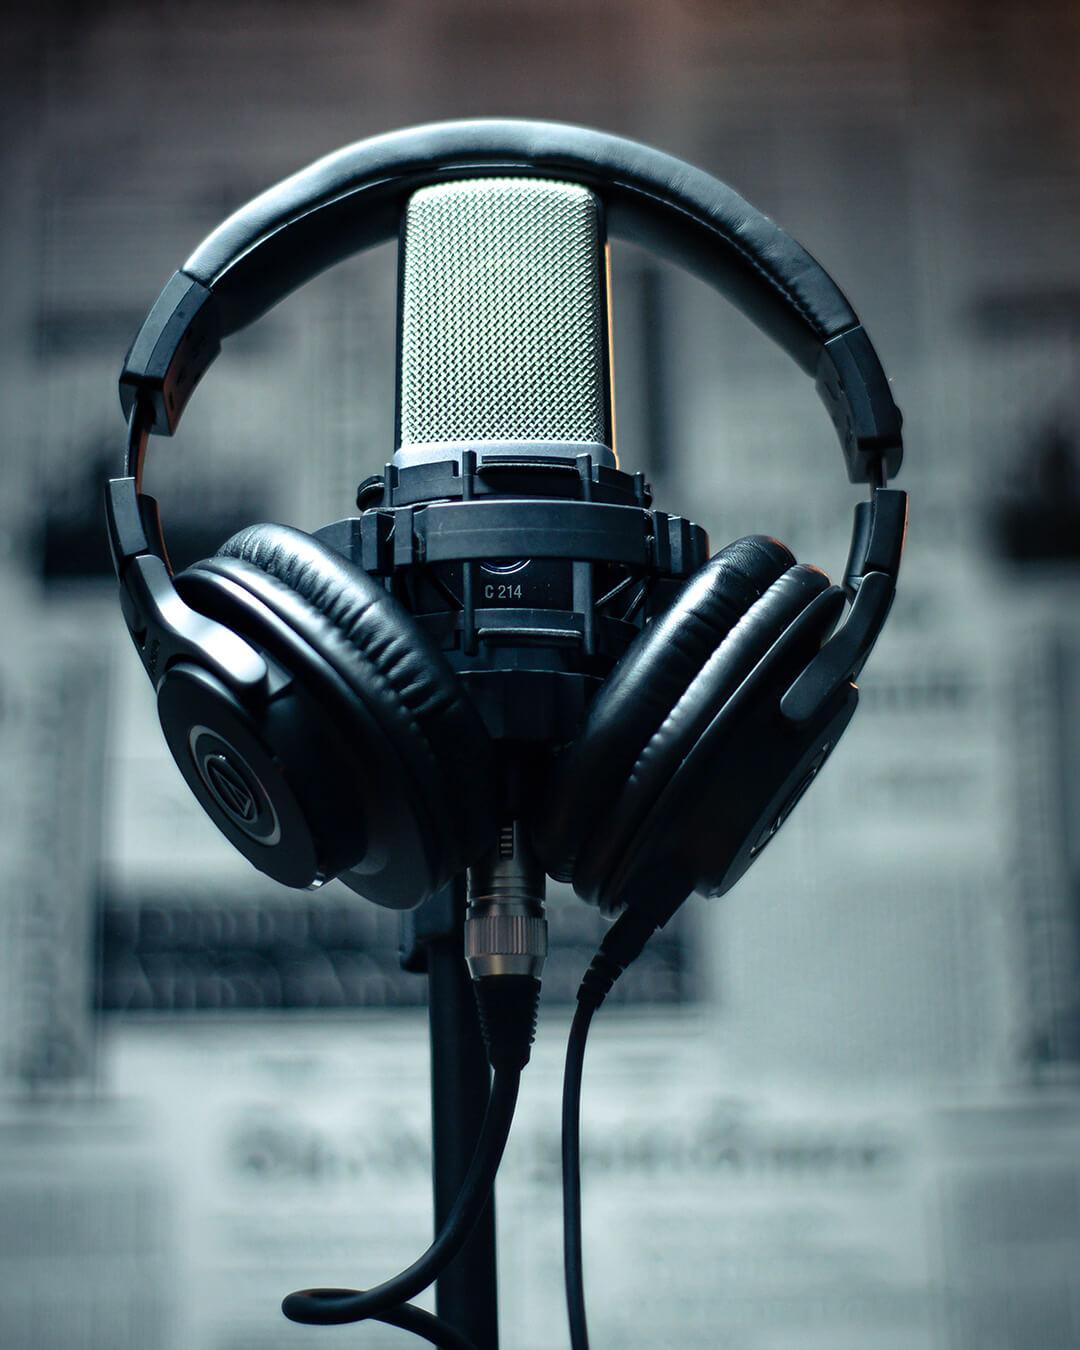 Faith Fellowship Audio Visual